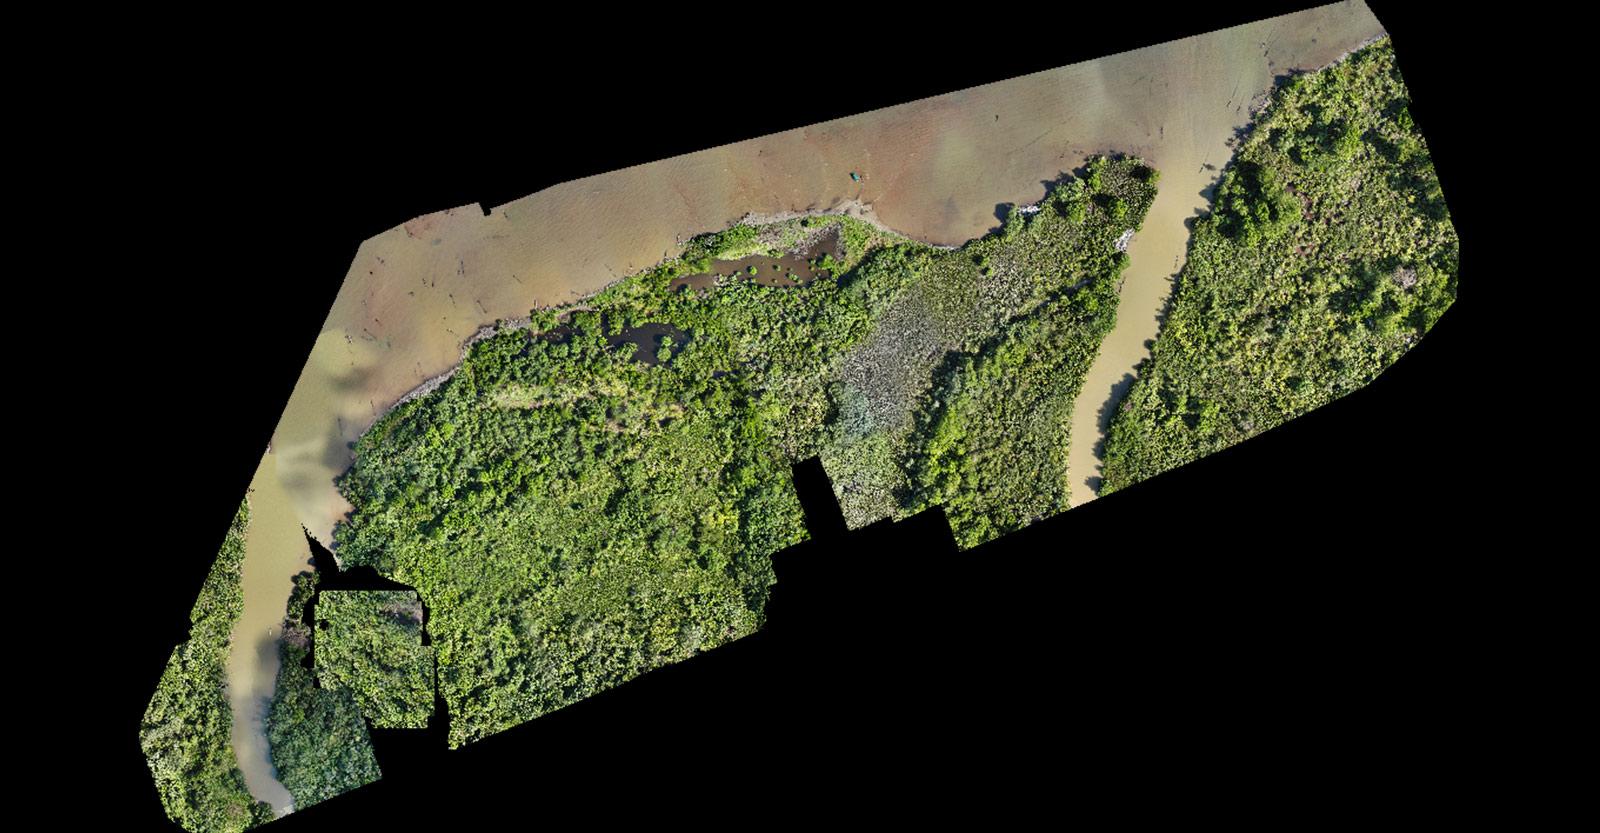 Uninhabited estuary in Panama